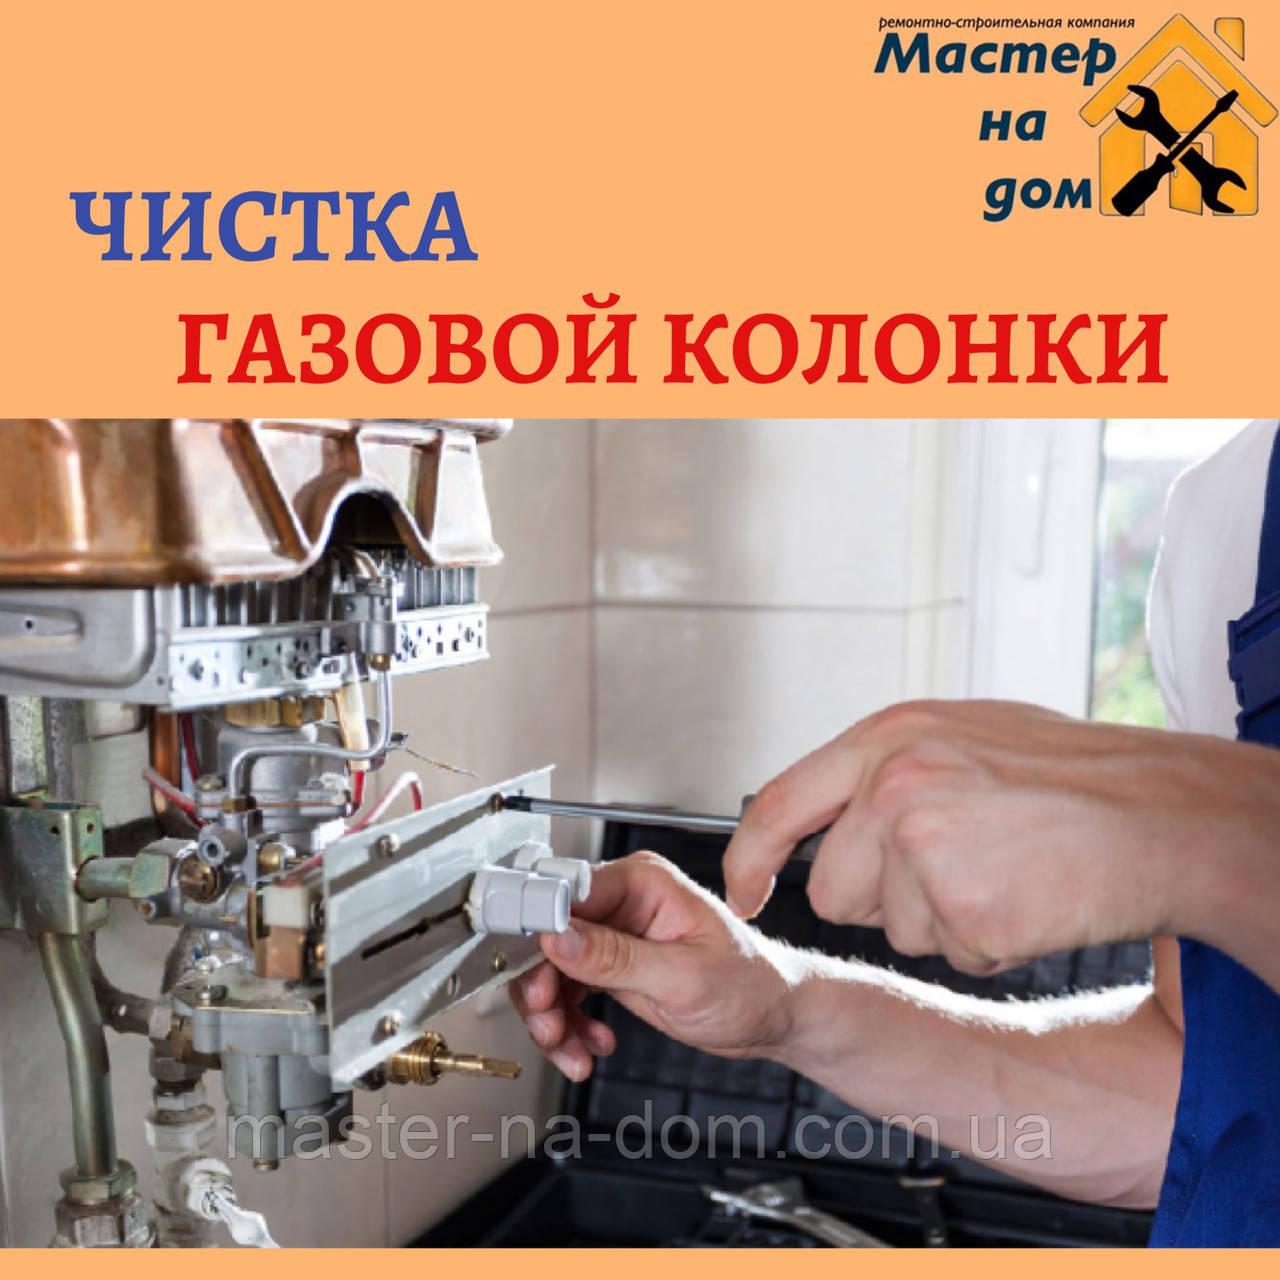 Чистка газовой колонки с гарантией в Киеве